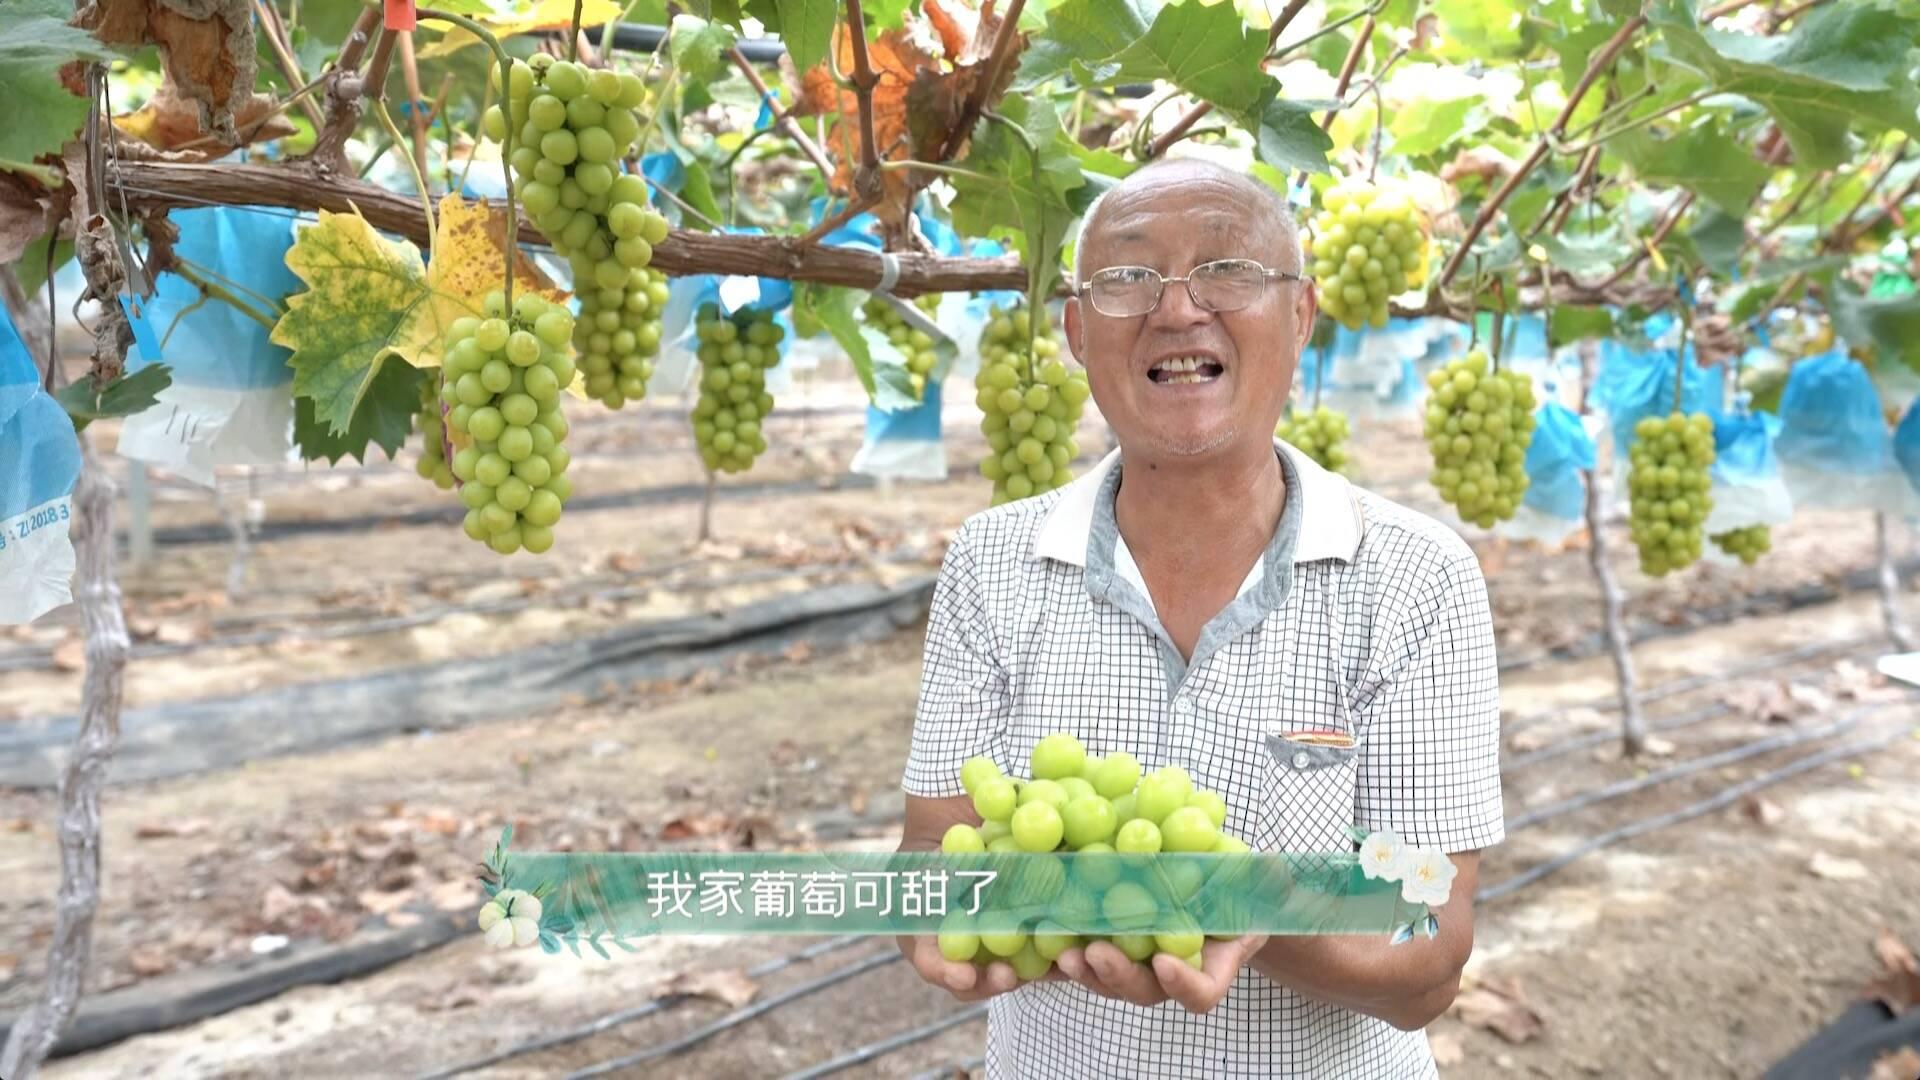 《田園中國》走進洋河新區 歌手賈凡現場為何落淚不止?